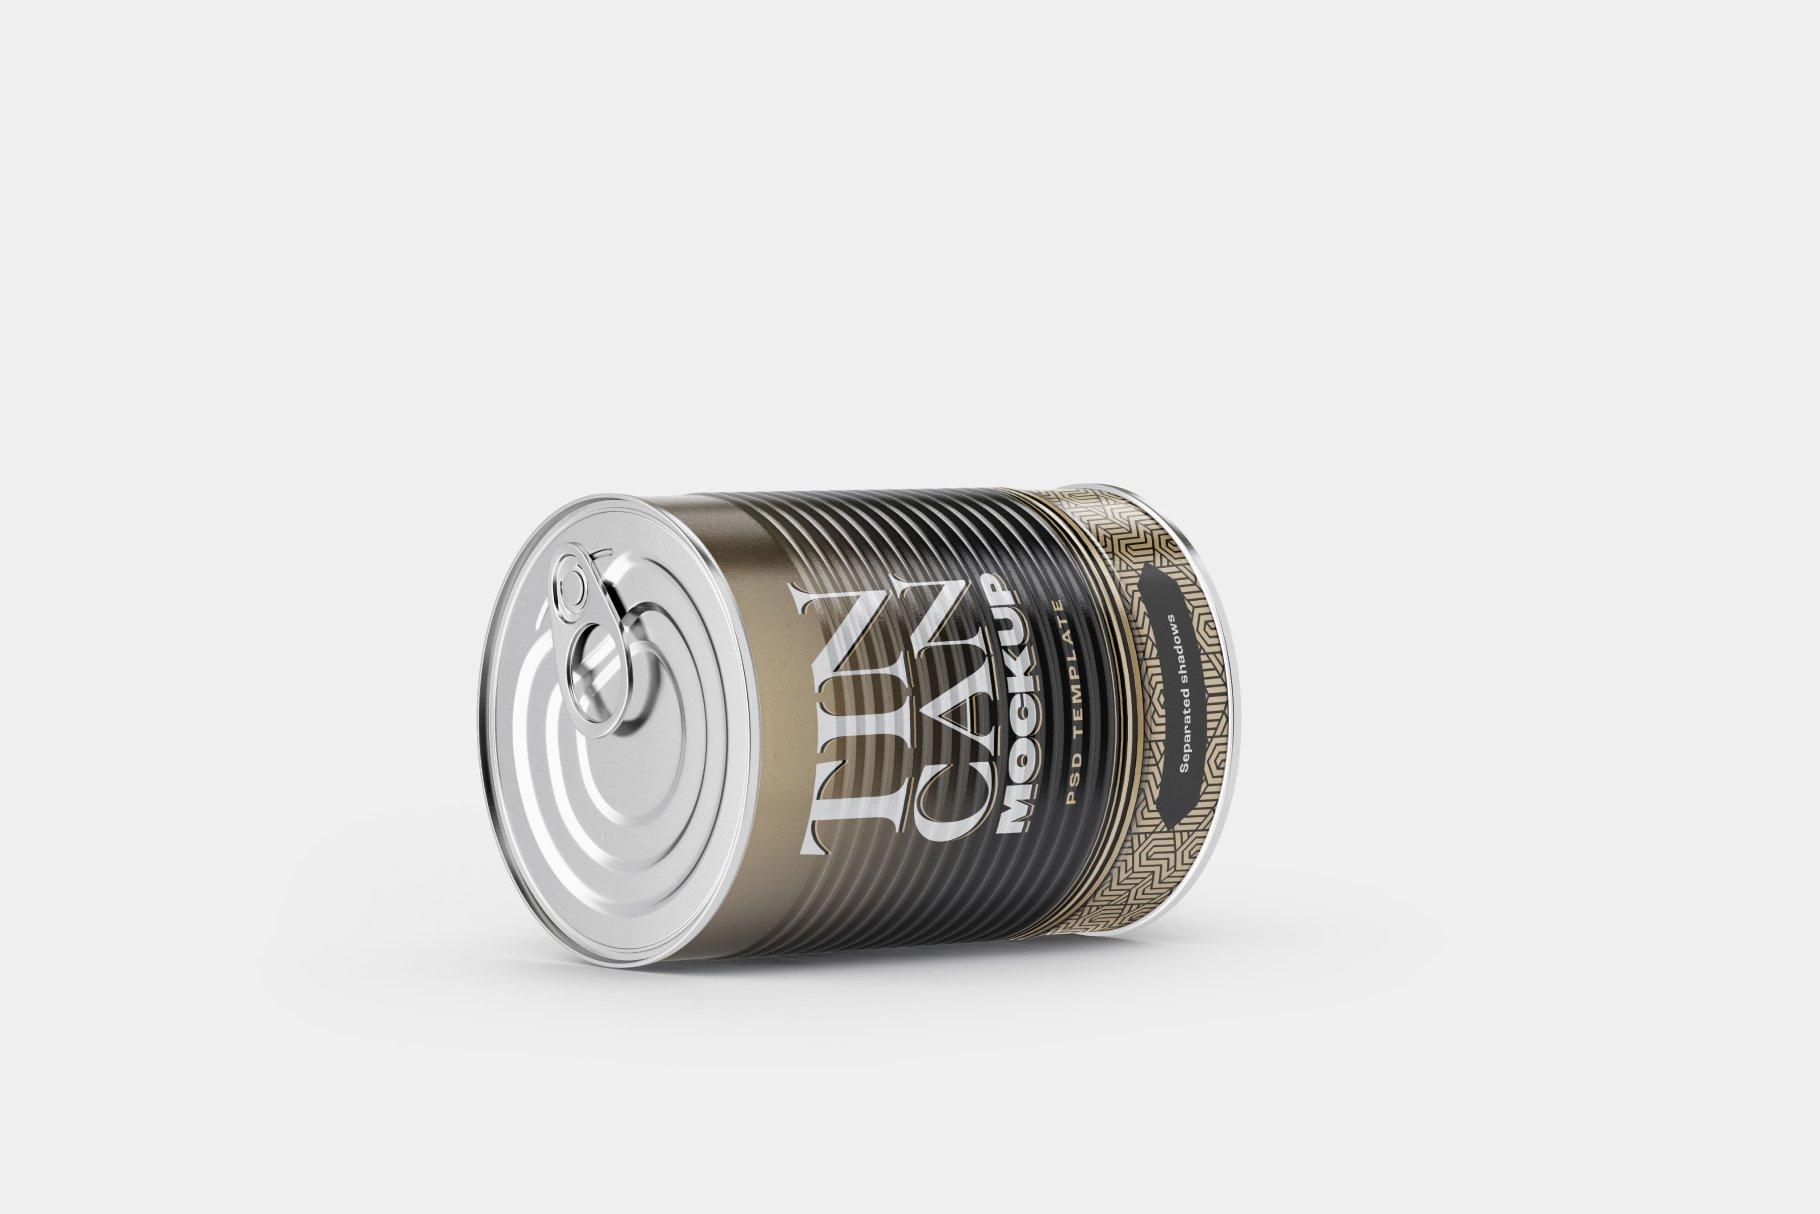 9款食品罐头金属锡罐包装样机模板素材合集 Tin Can Mockup Set | Conserve插图11